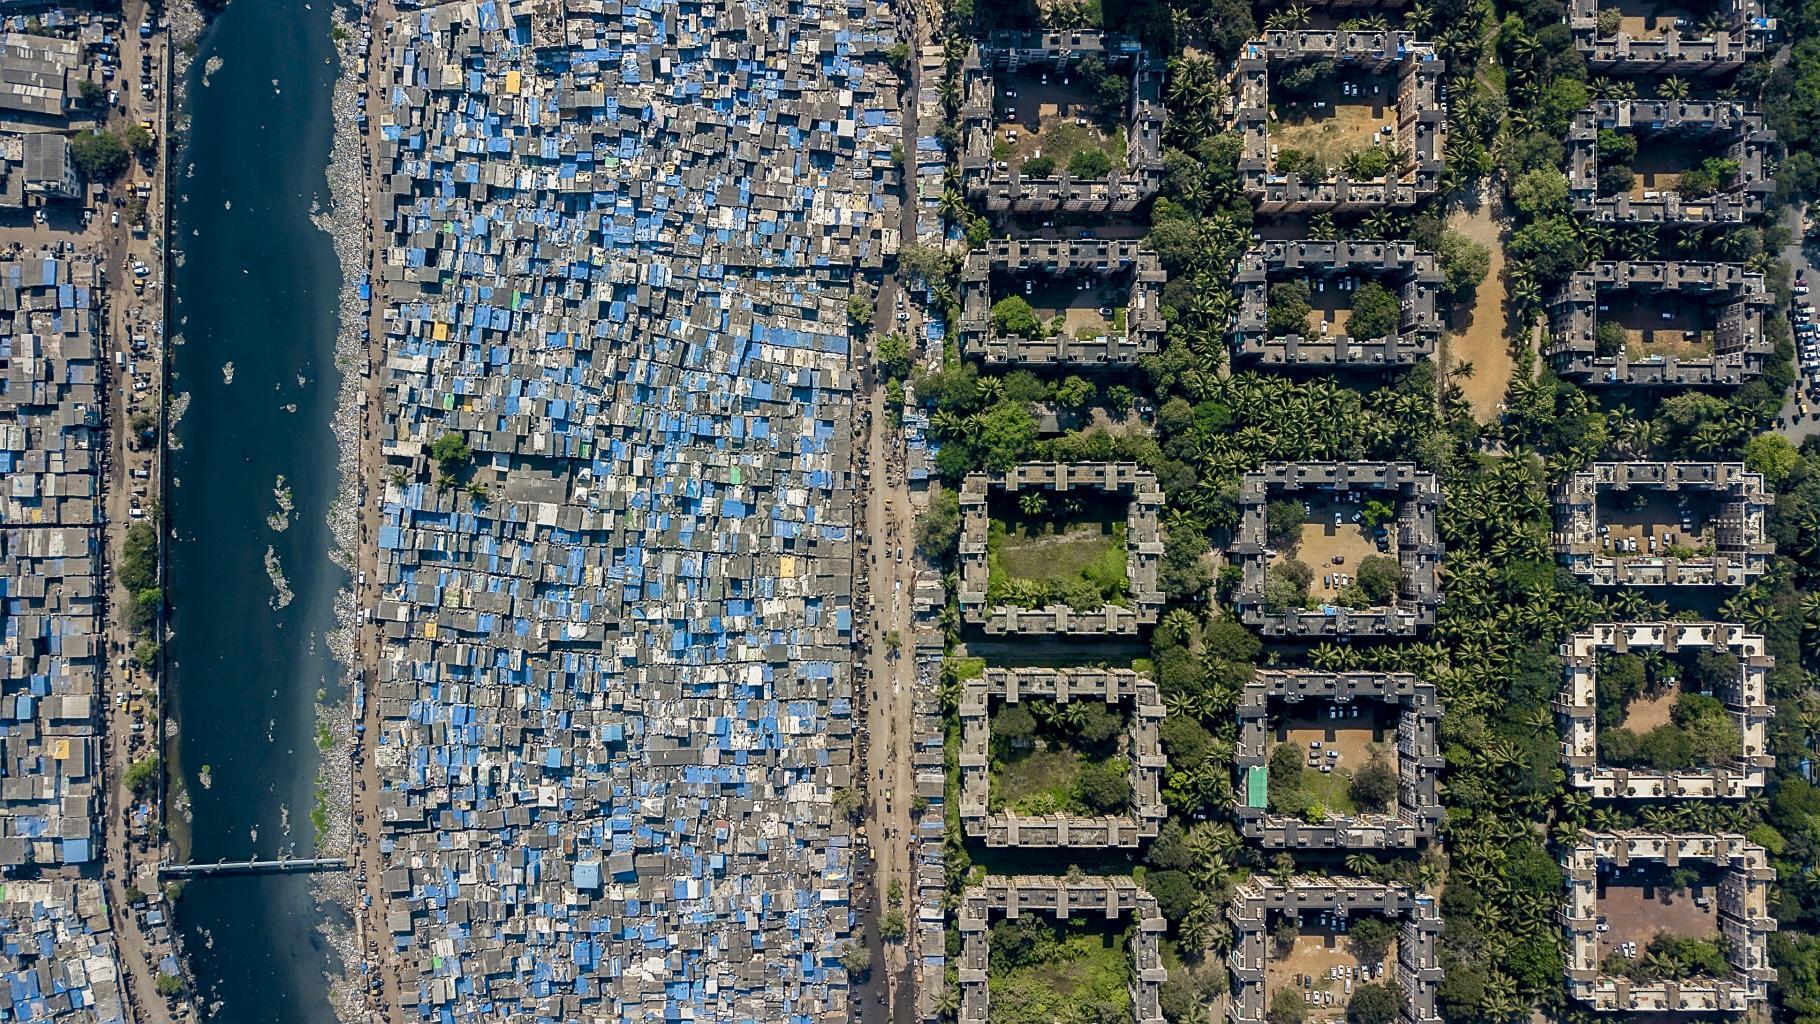 Luftbildaufnahme einer Stadt: Einfache Behausungen auf der einen, Wohnungen Wohlhabender auf der anderen Seite